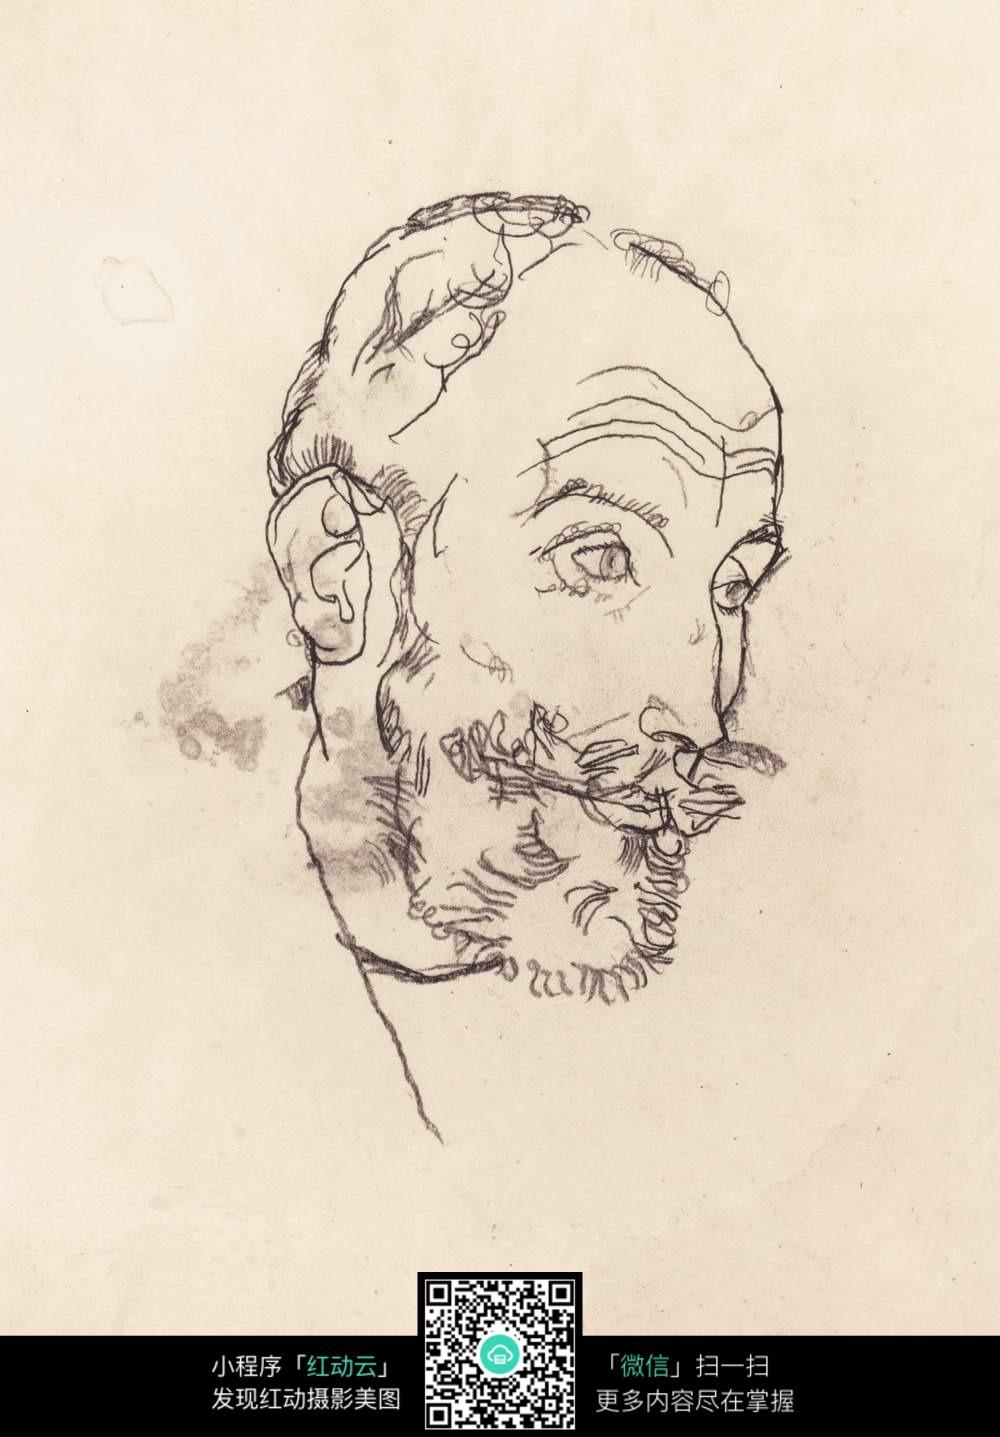 古代男人图片手绘